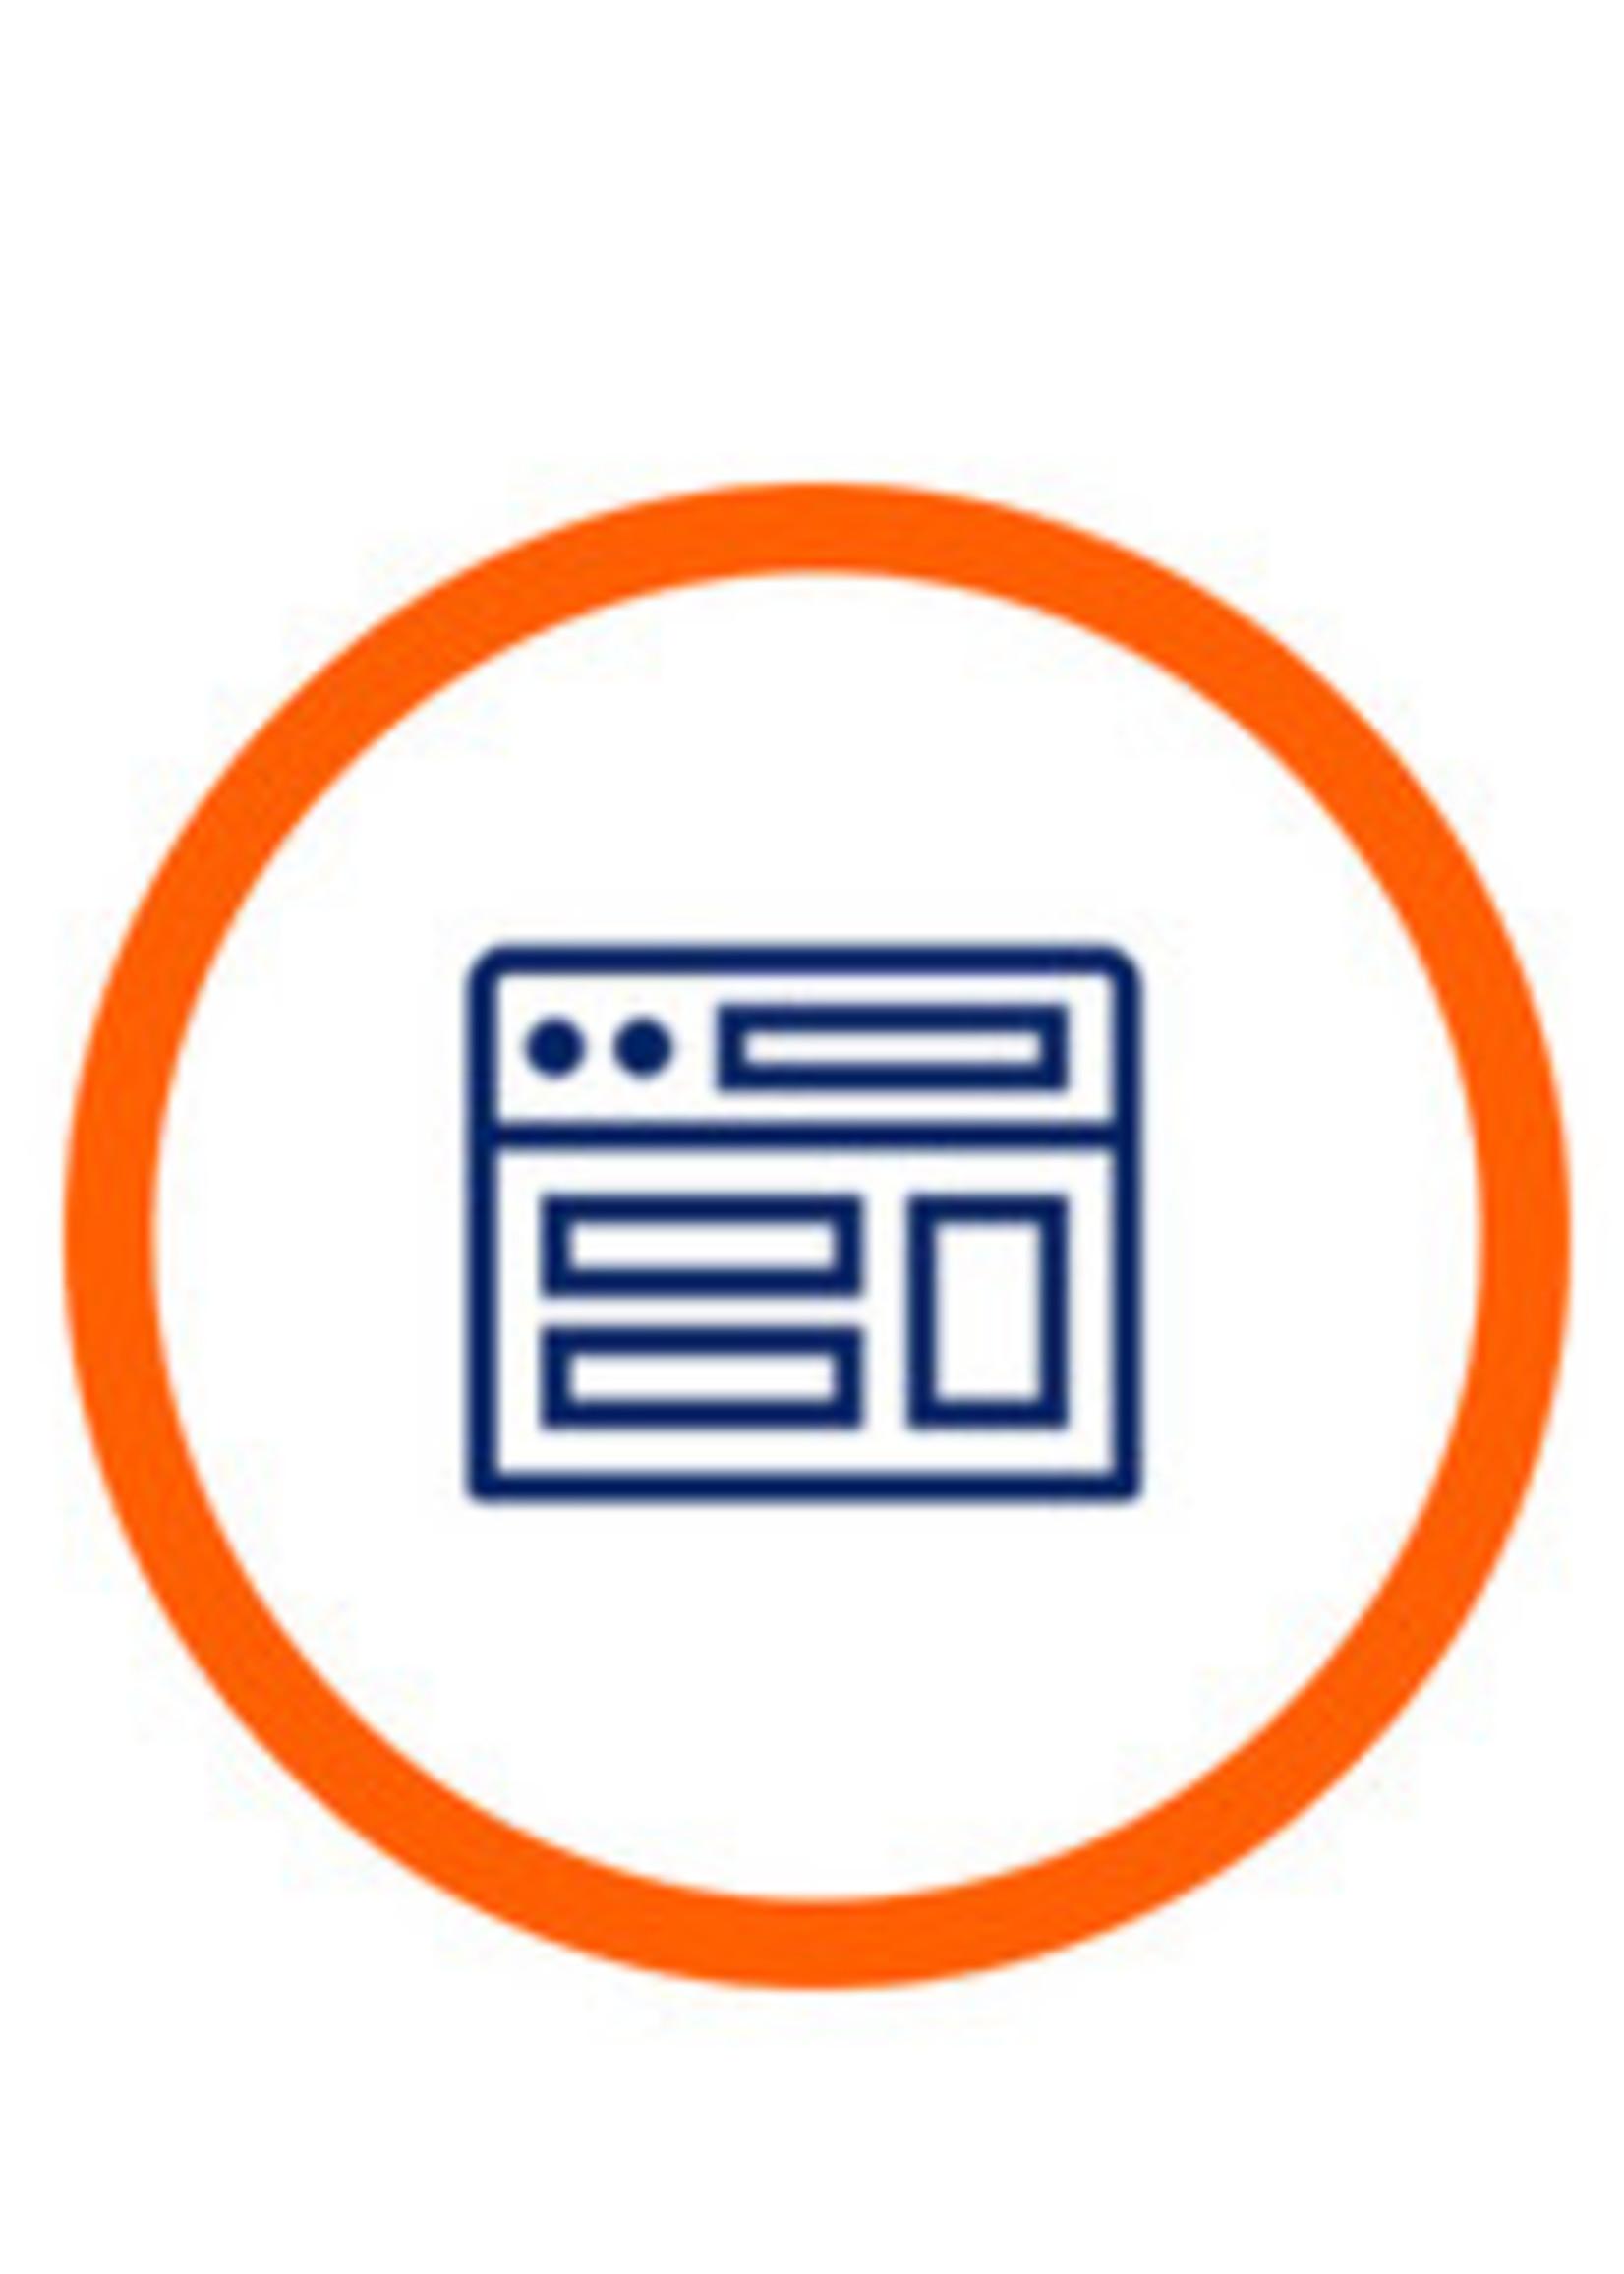 Project portal